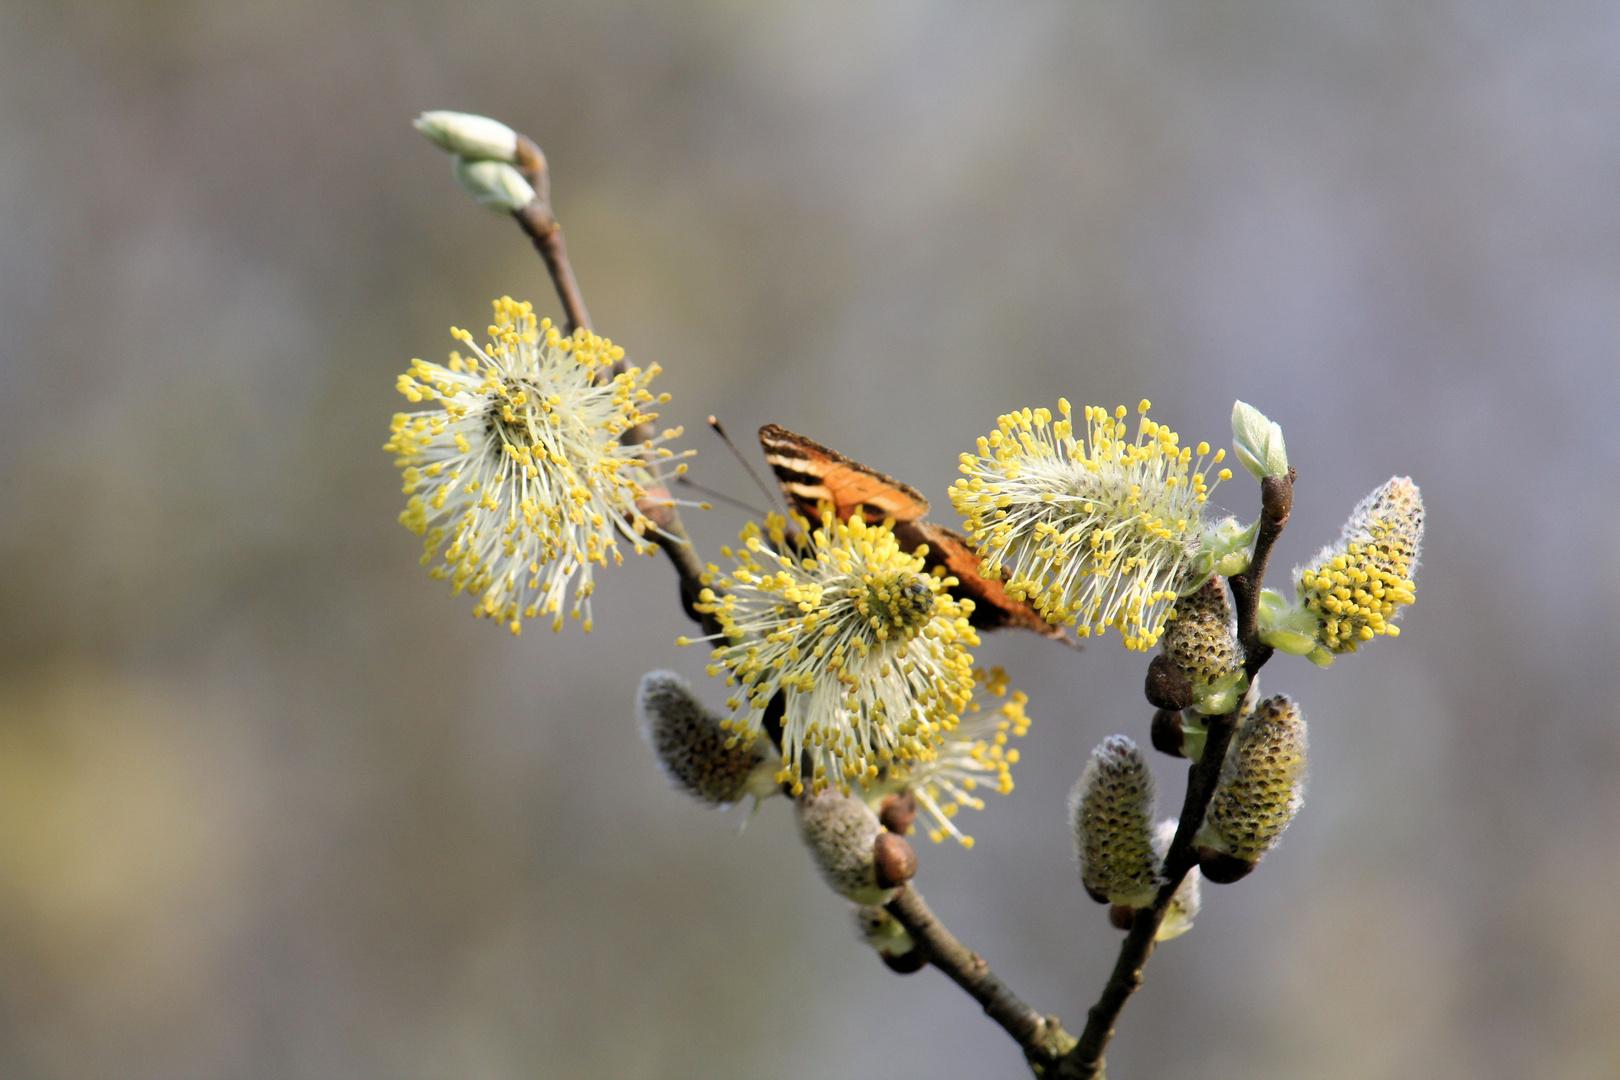 hinter den Weidenkätchen luggt ein Schmetterling hervor